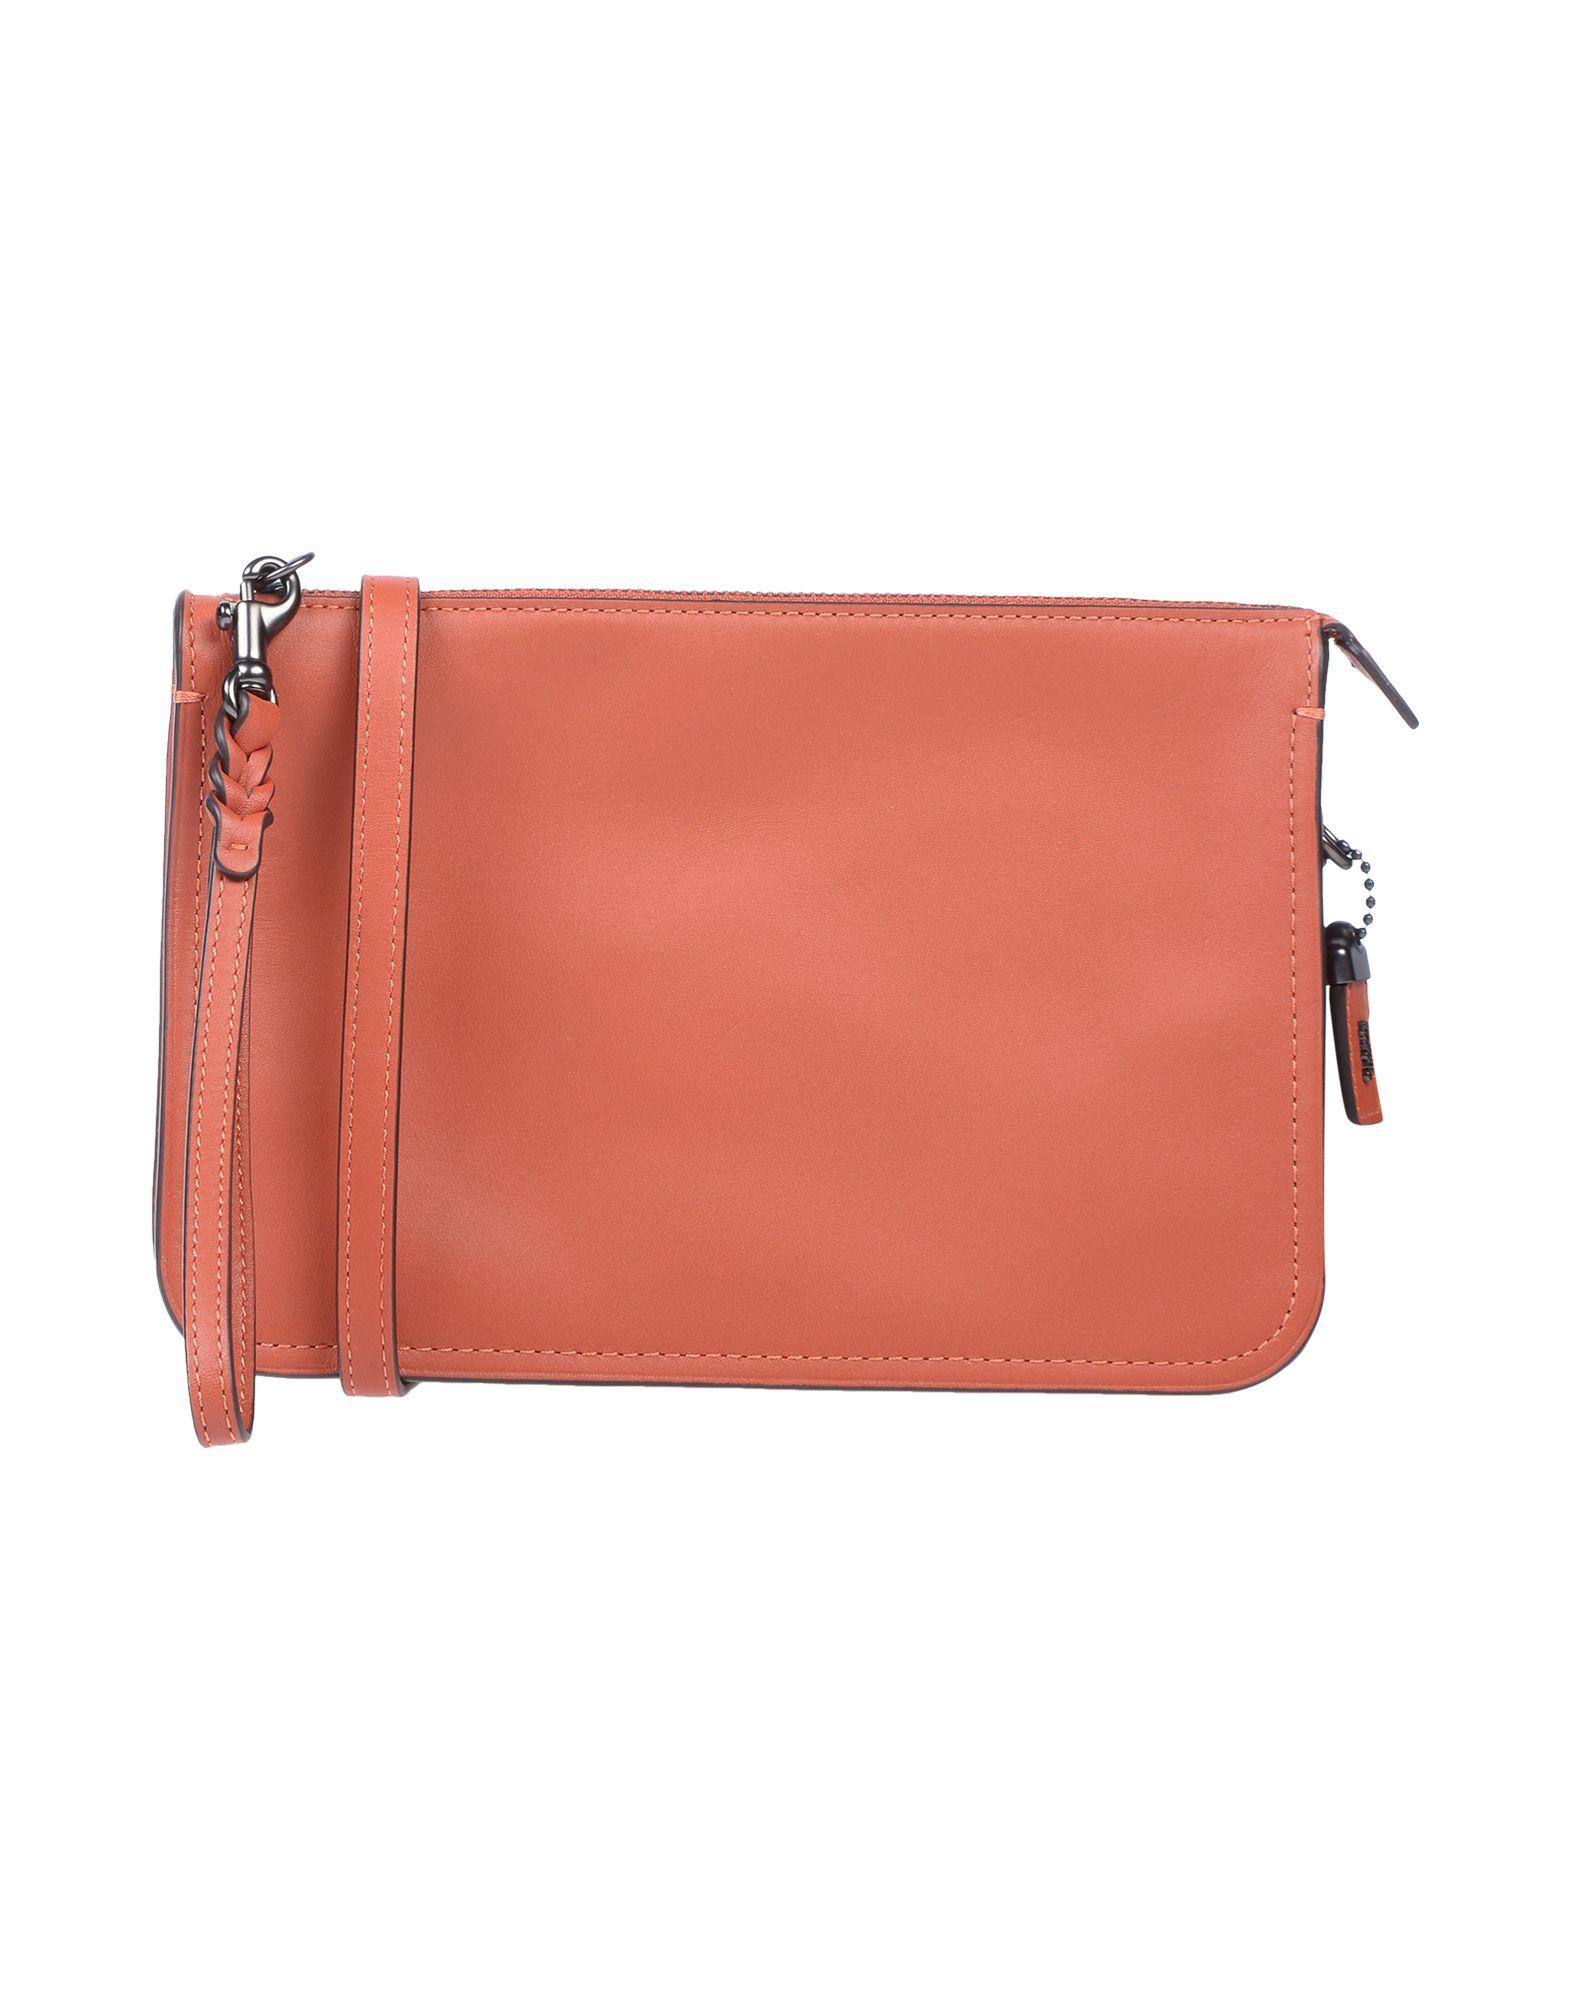 《送料無料》COACH レディース メッセンジャーバッグ 赤茶色 革